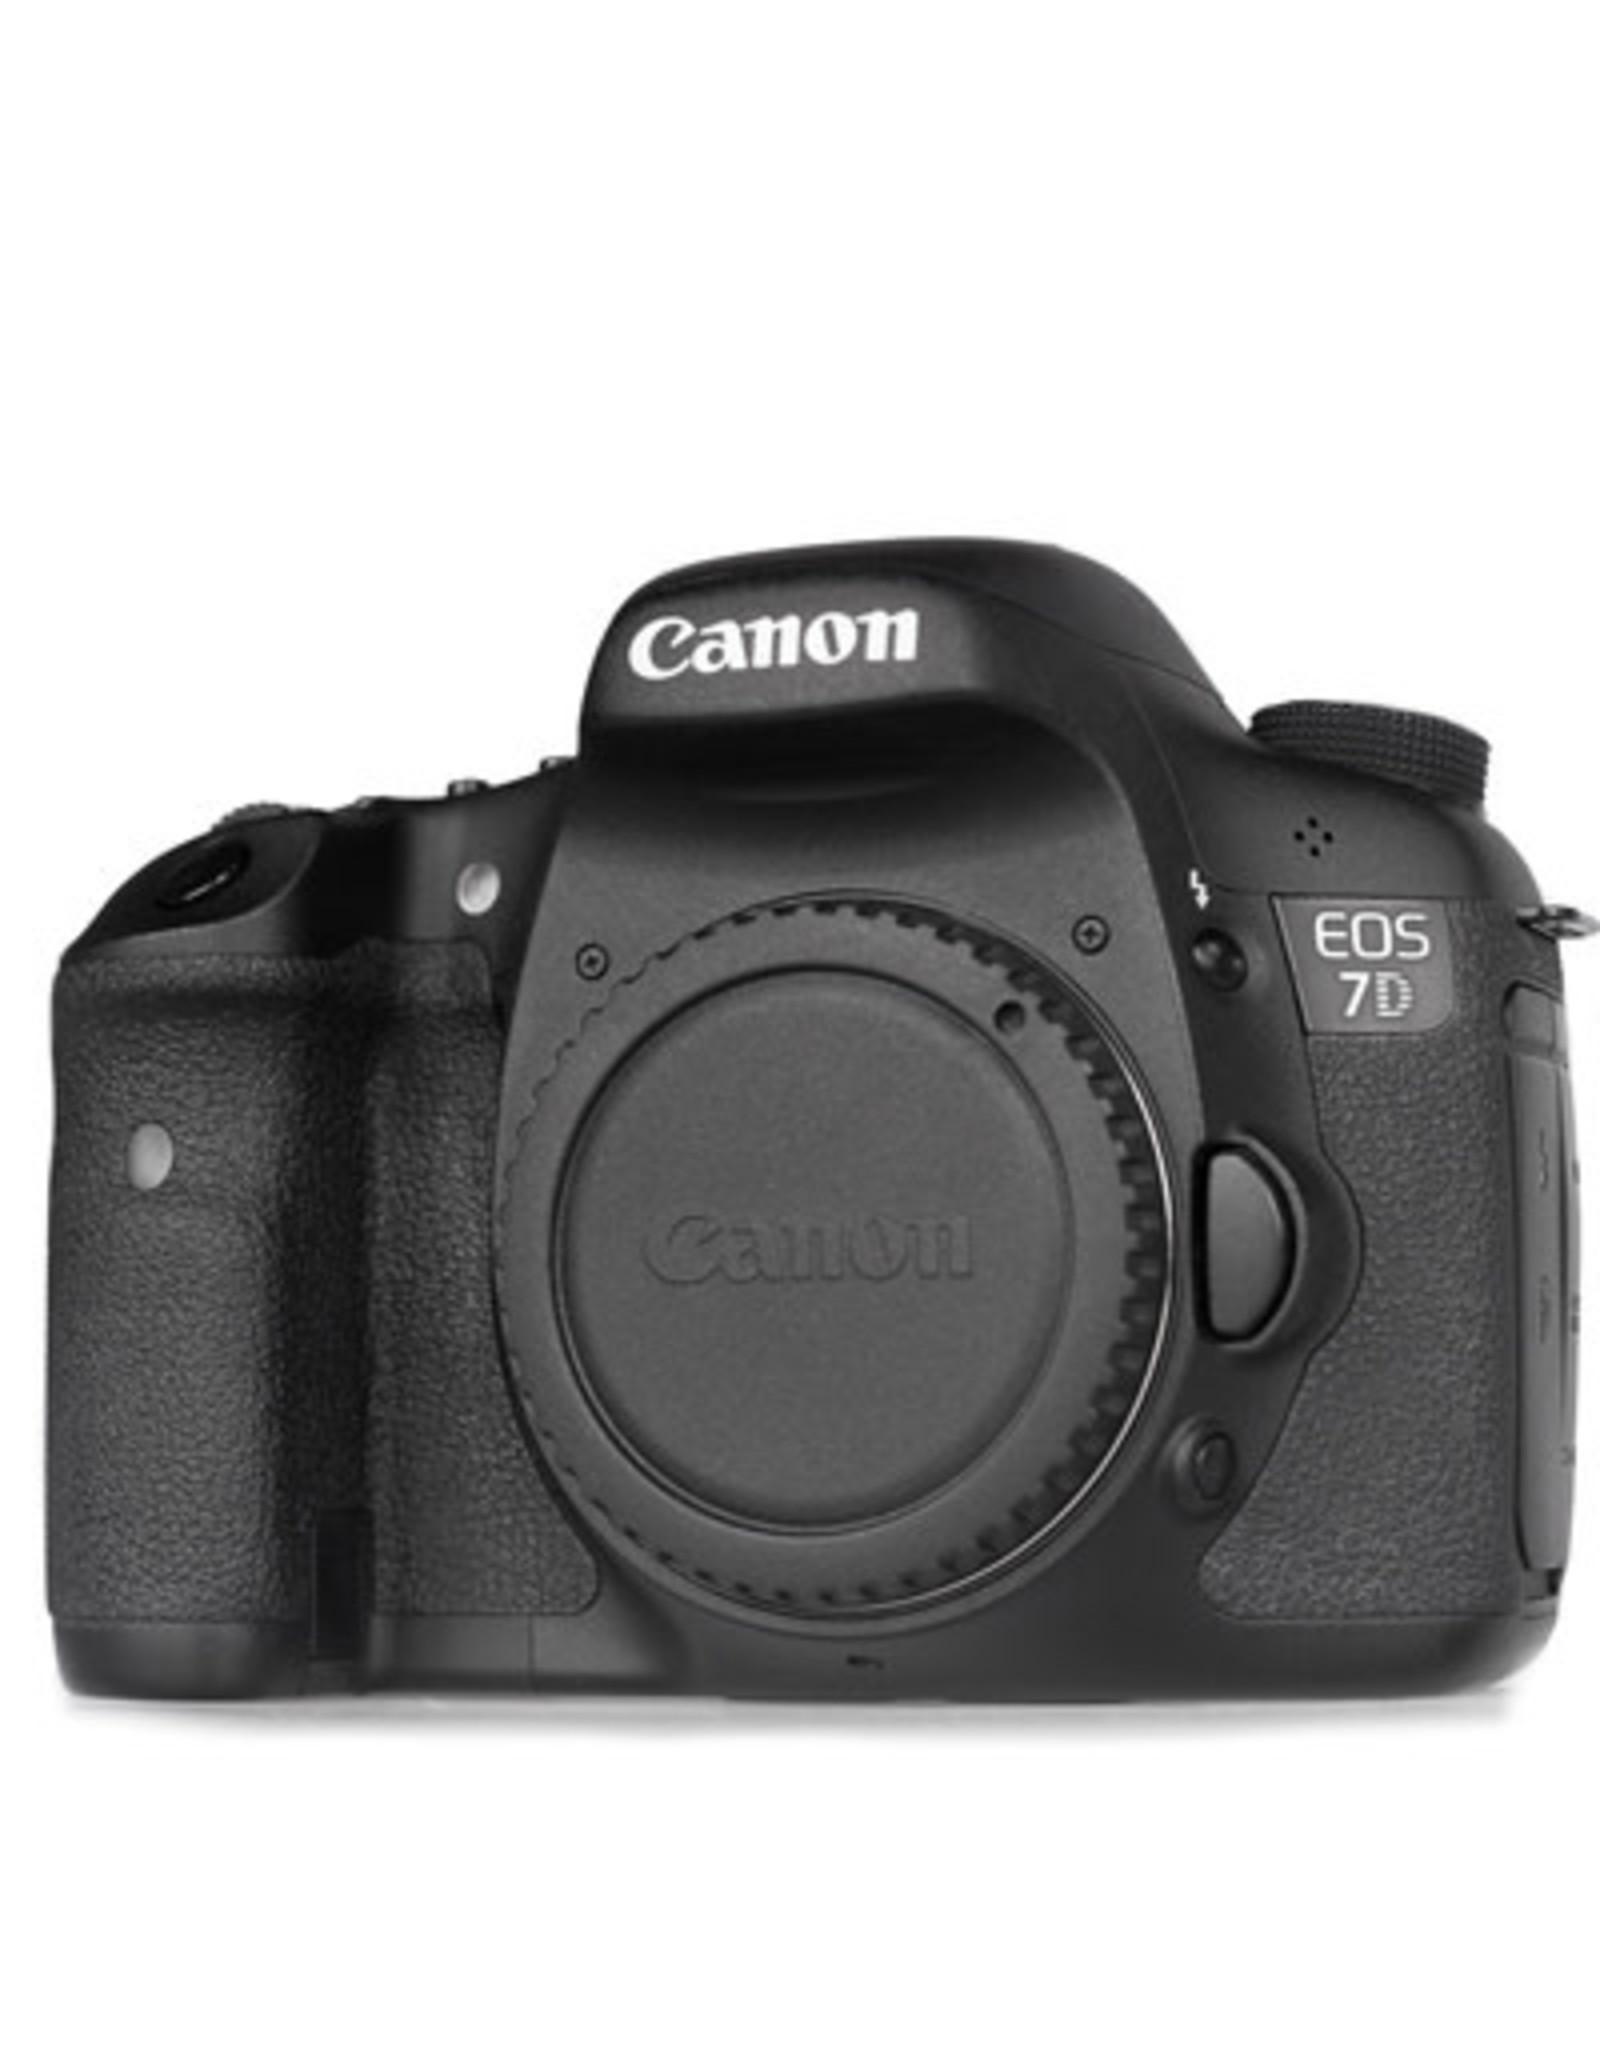 Canon Canon EOS 7D DSLR Camera Body